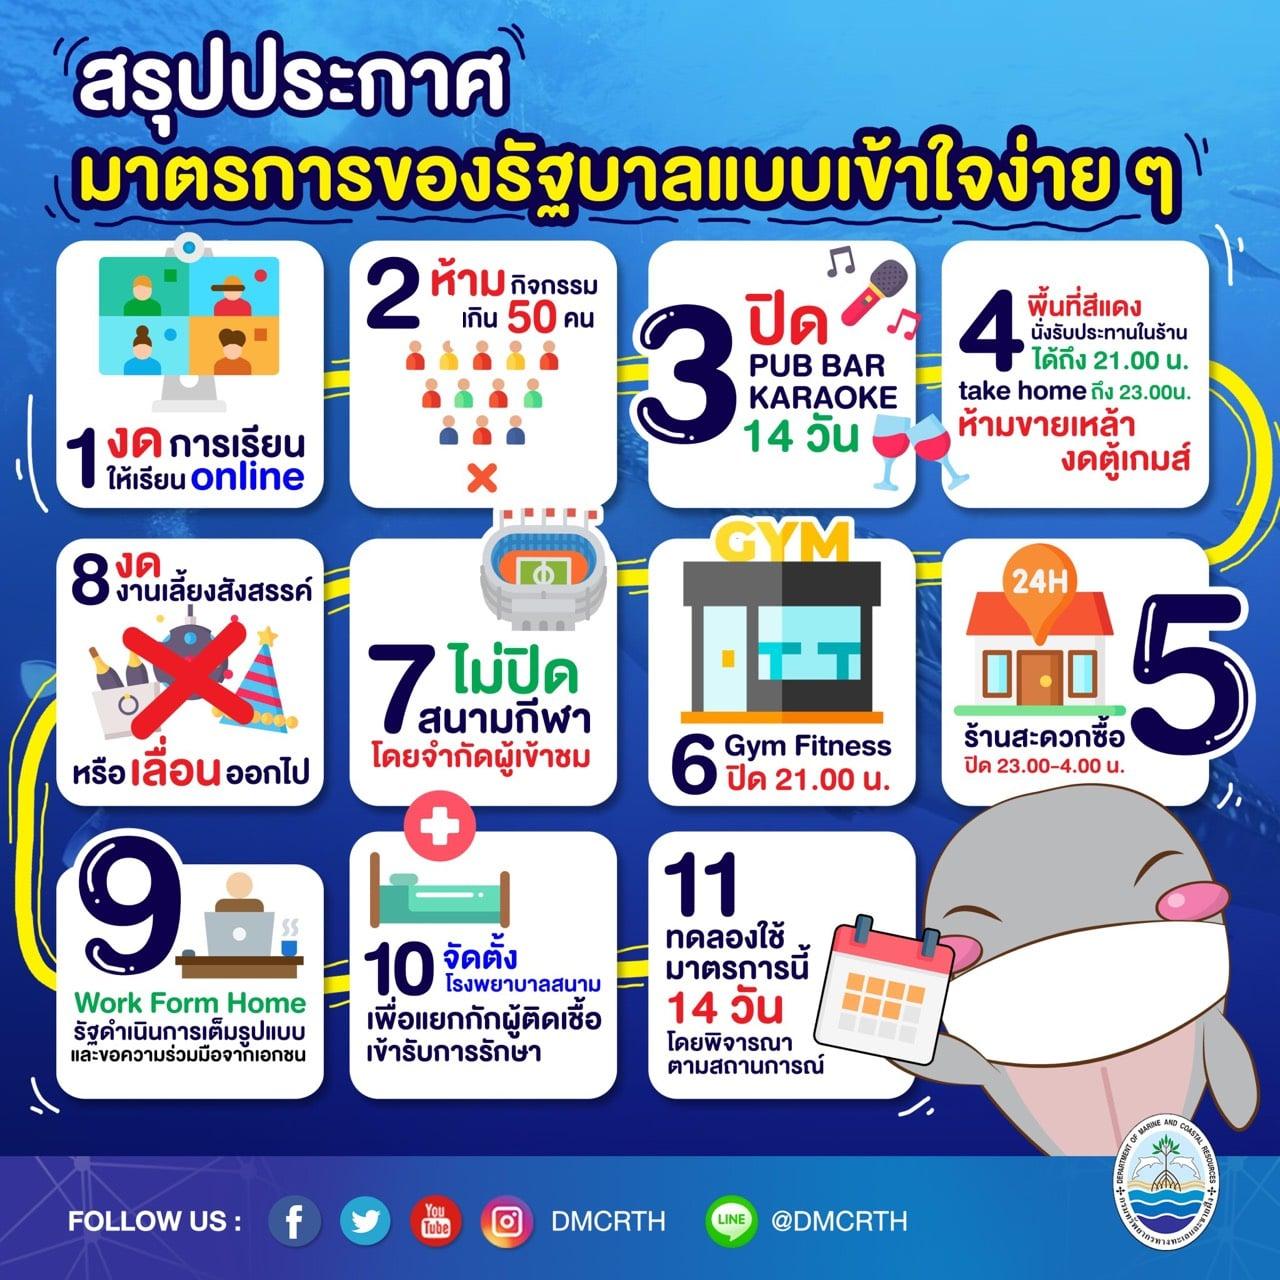 โควิดระลอกใหม่ มาช่วยกันชาวไทยร่วมใจรักษาระยห่างลดติดเชื้อ